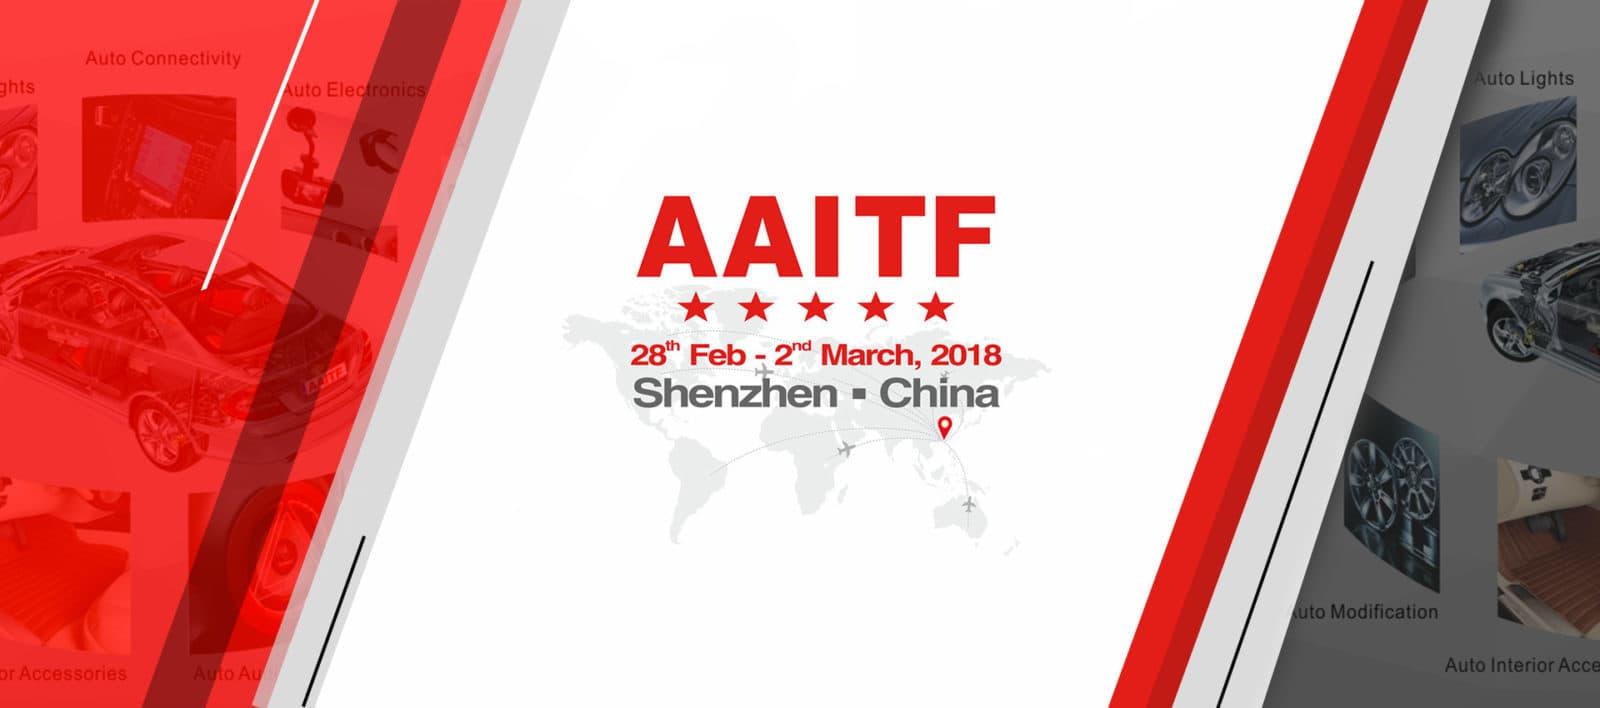 Shenzhen-China-AAITF